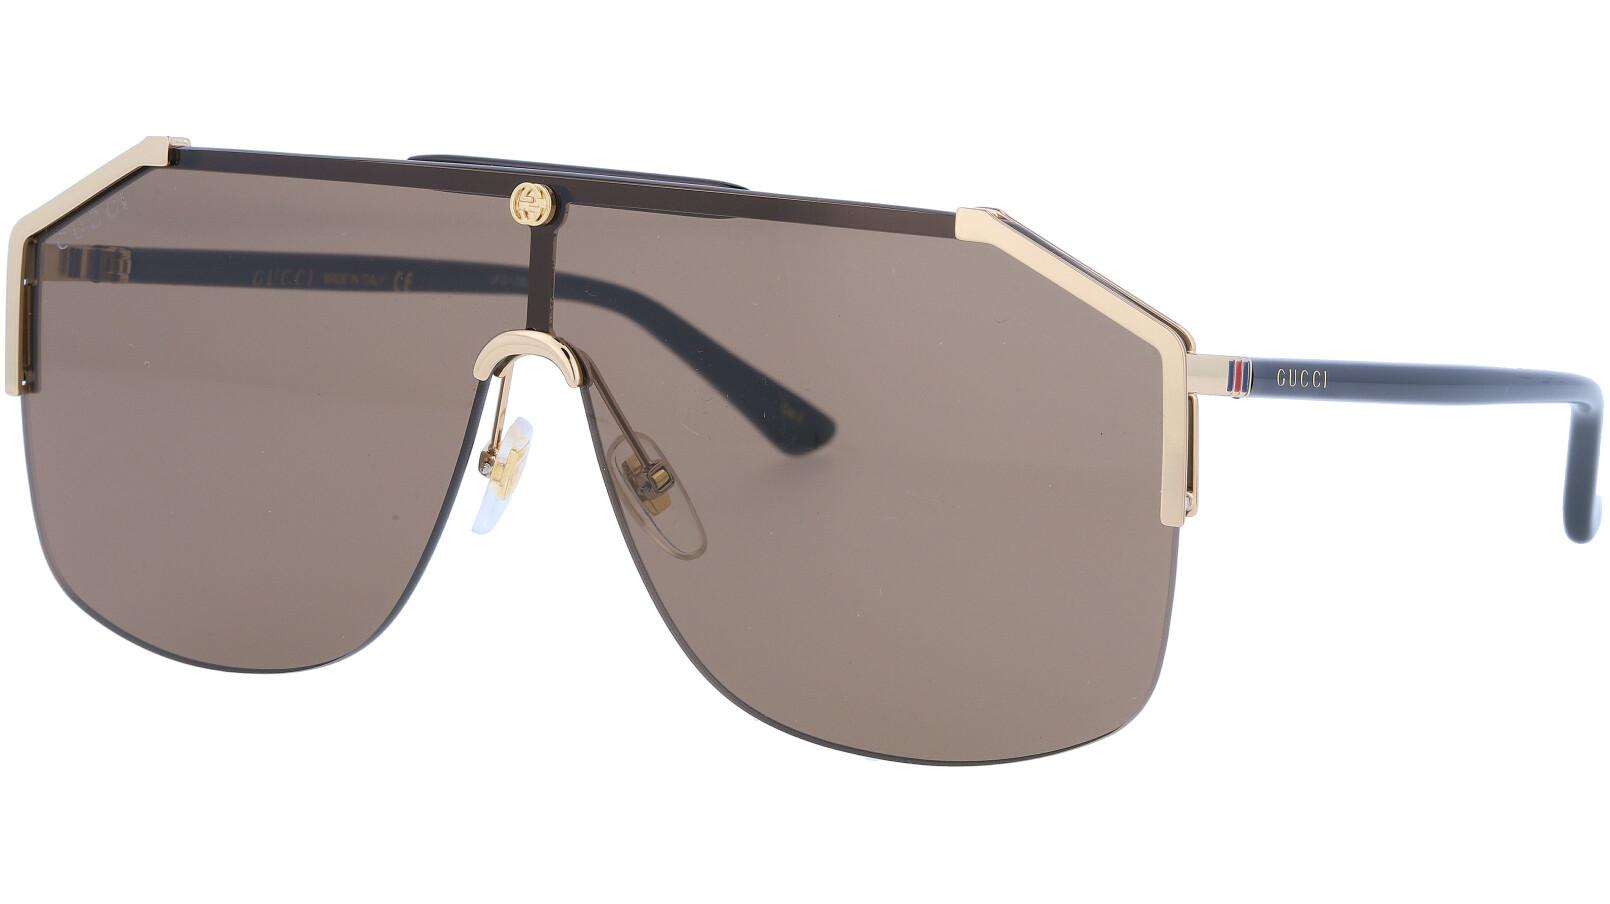 GUCCI GG0291S 003 99 GOLD Sunglasses